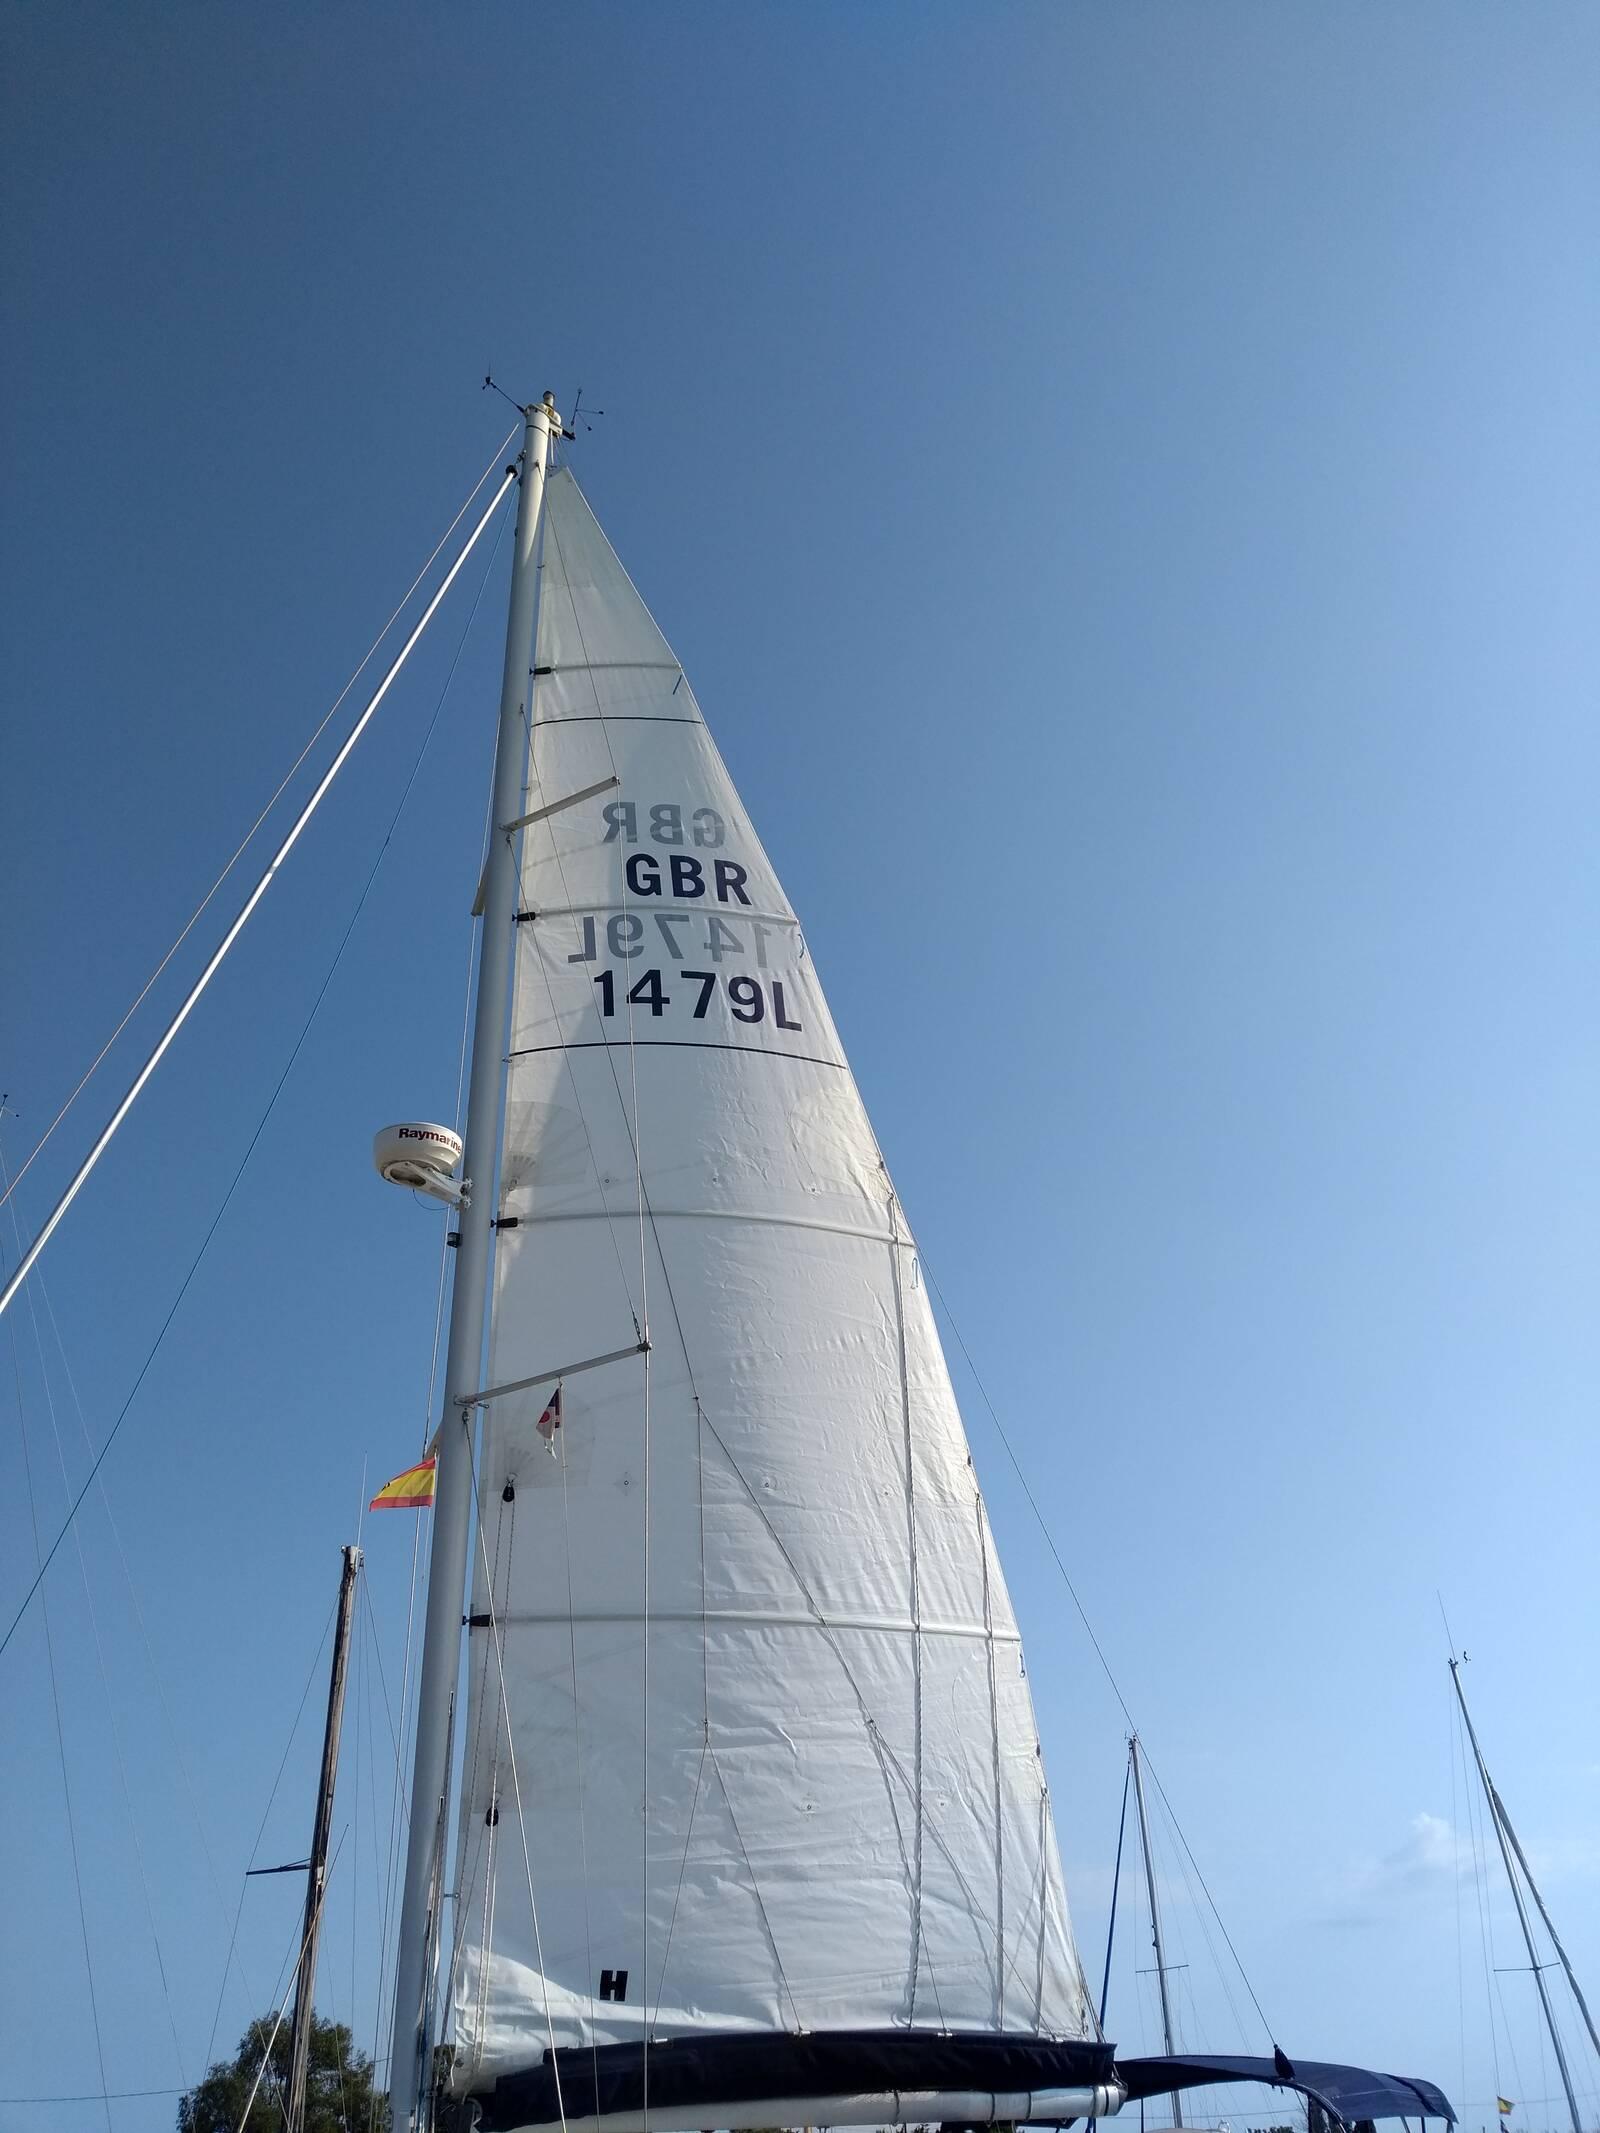 Beneteau Oceanis 343 sail